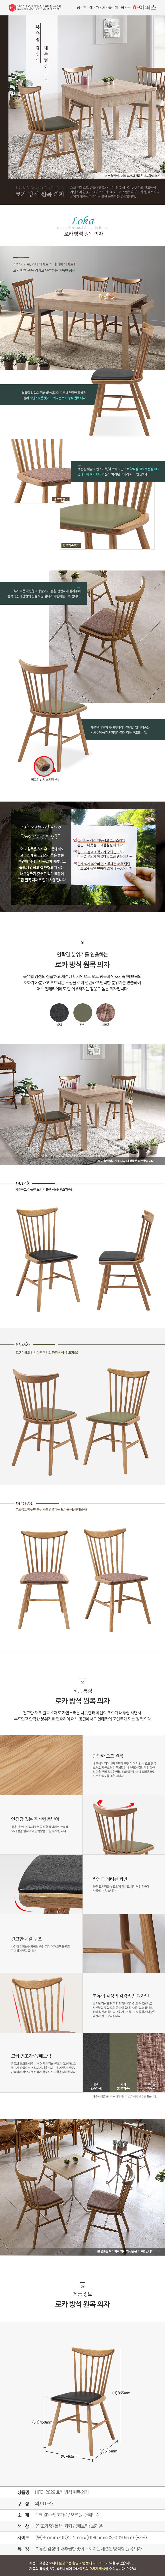 로카 원목 방석 의자